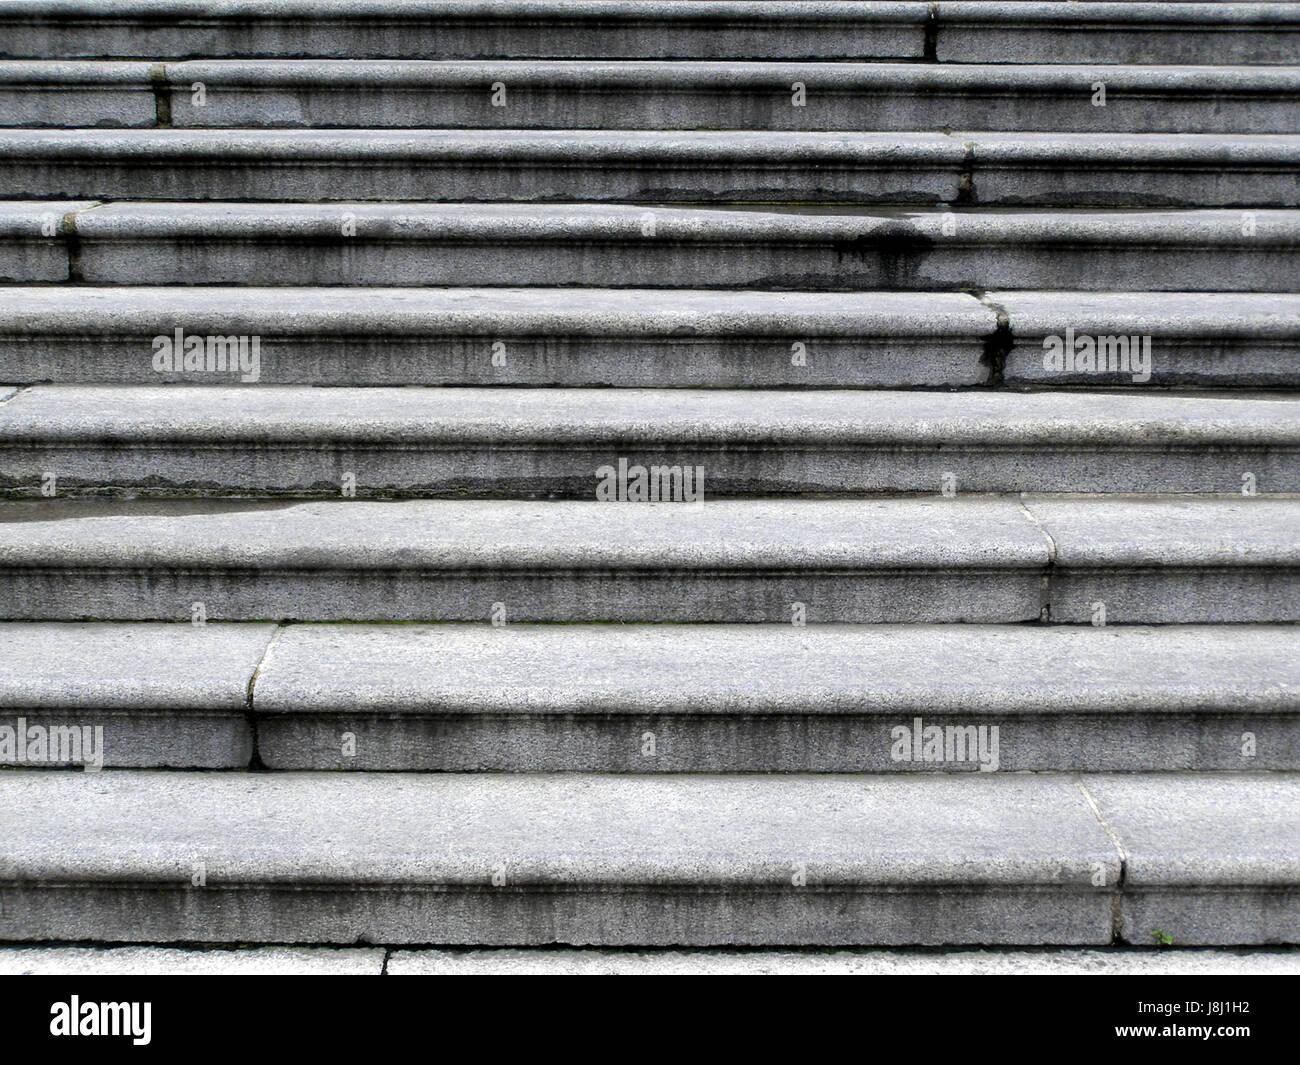 Treppen, Stein, Flug, Treppe, Stufen, Schritt, Stufe, Treppe ...